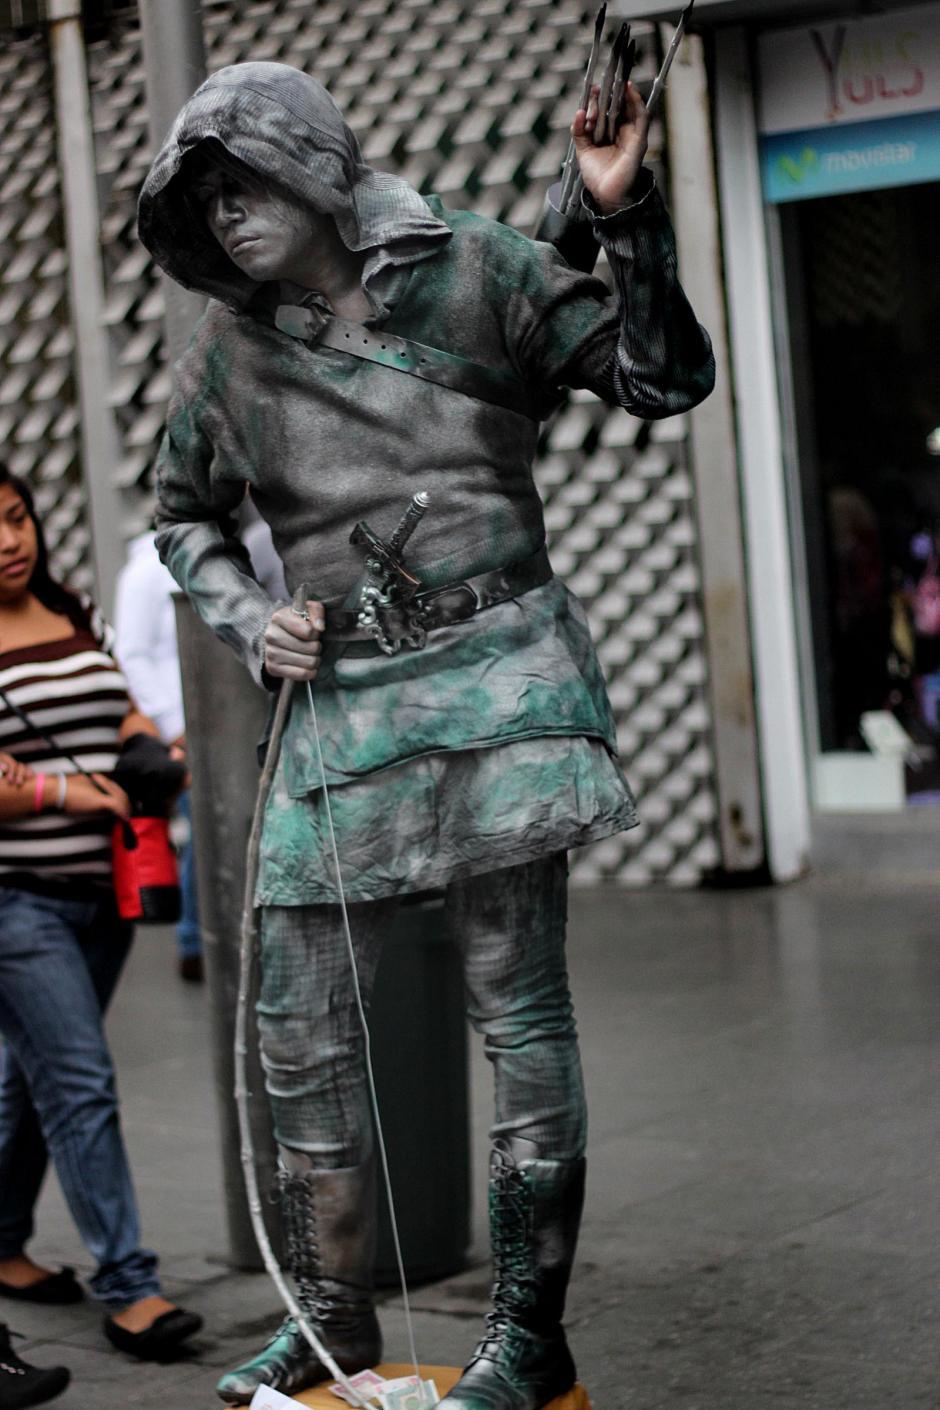 Robin Hood fue uno de los personajes representados a través de estatuas humanas. (José Dávila/Soy502)